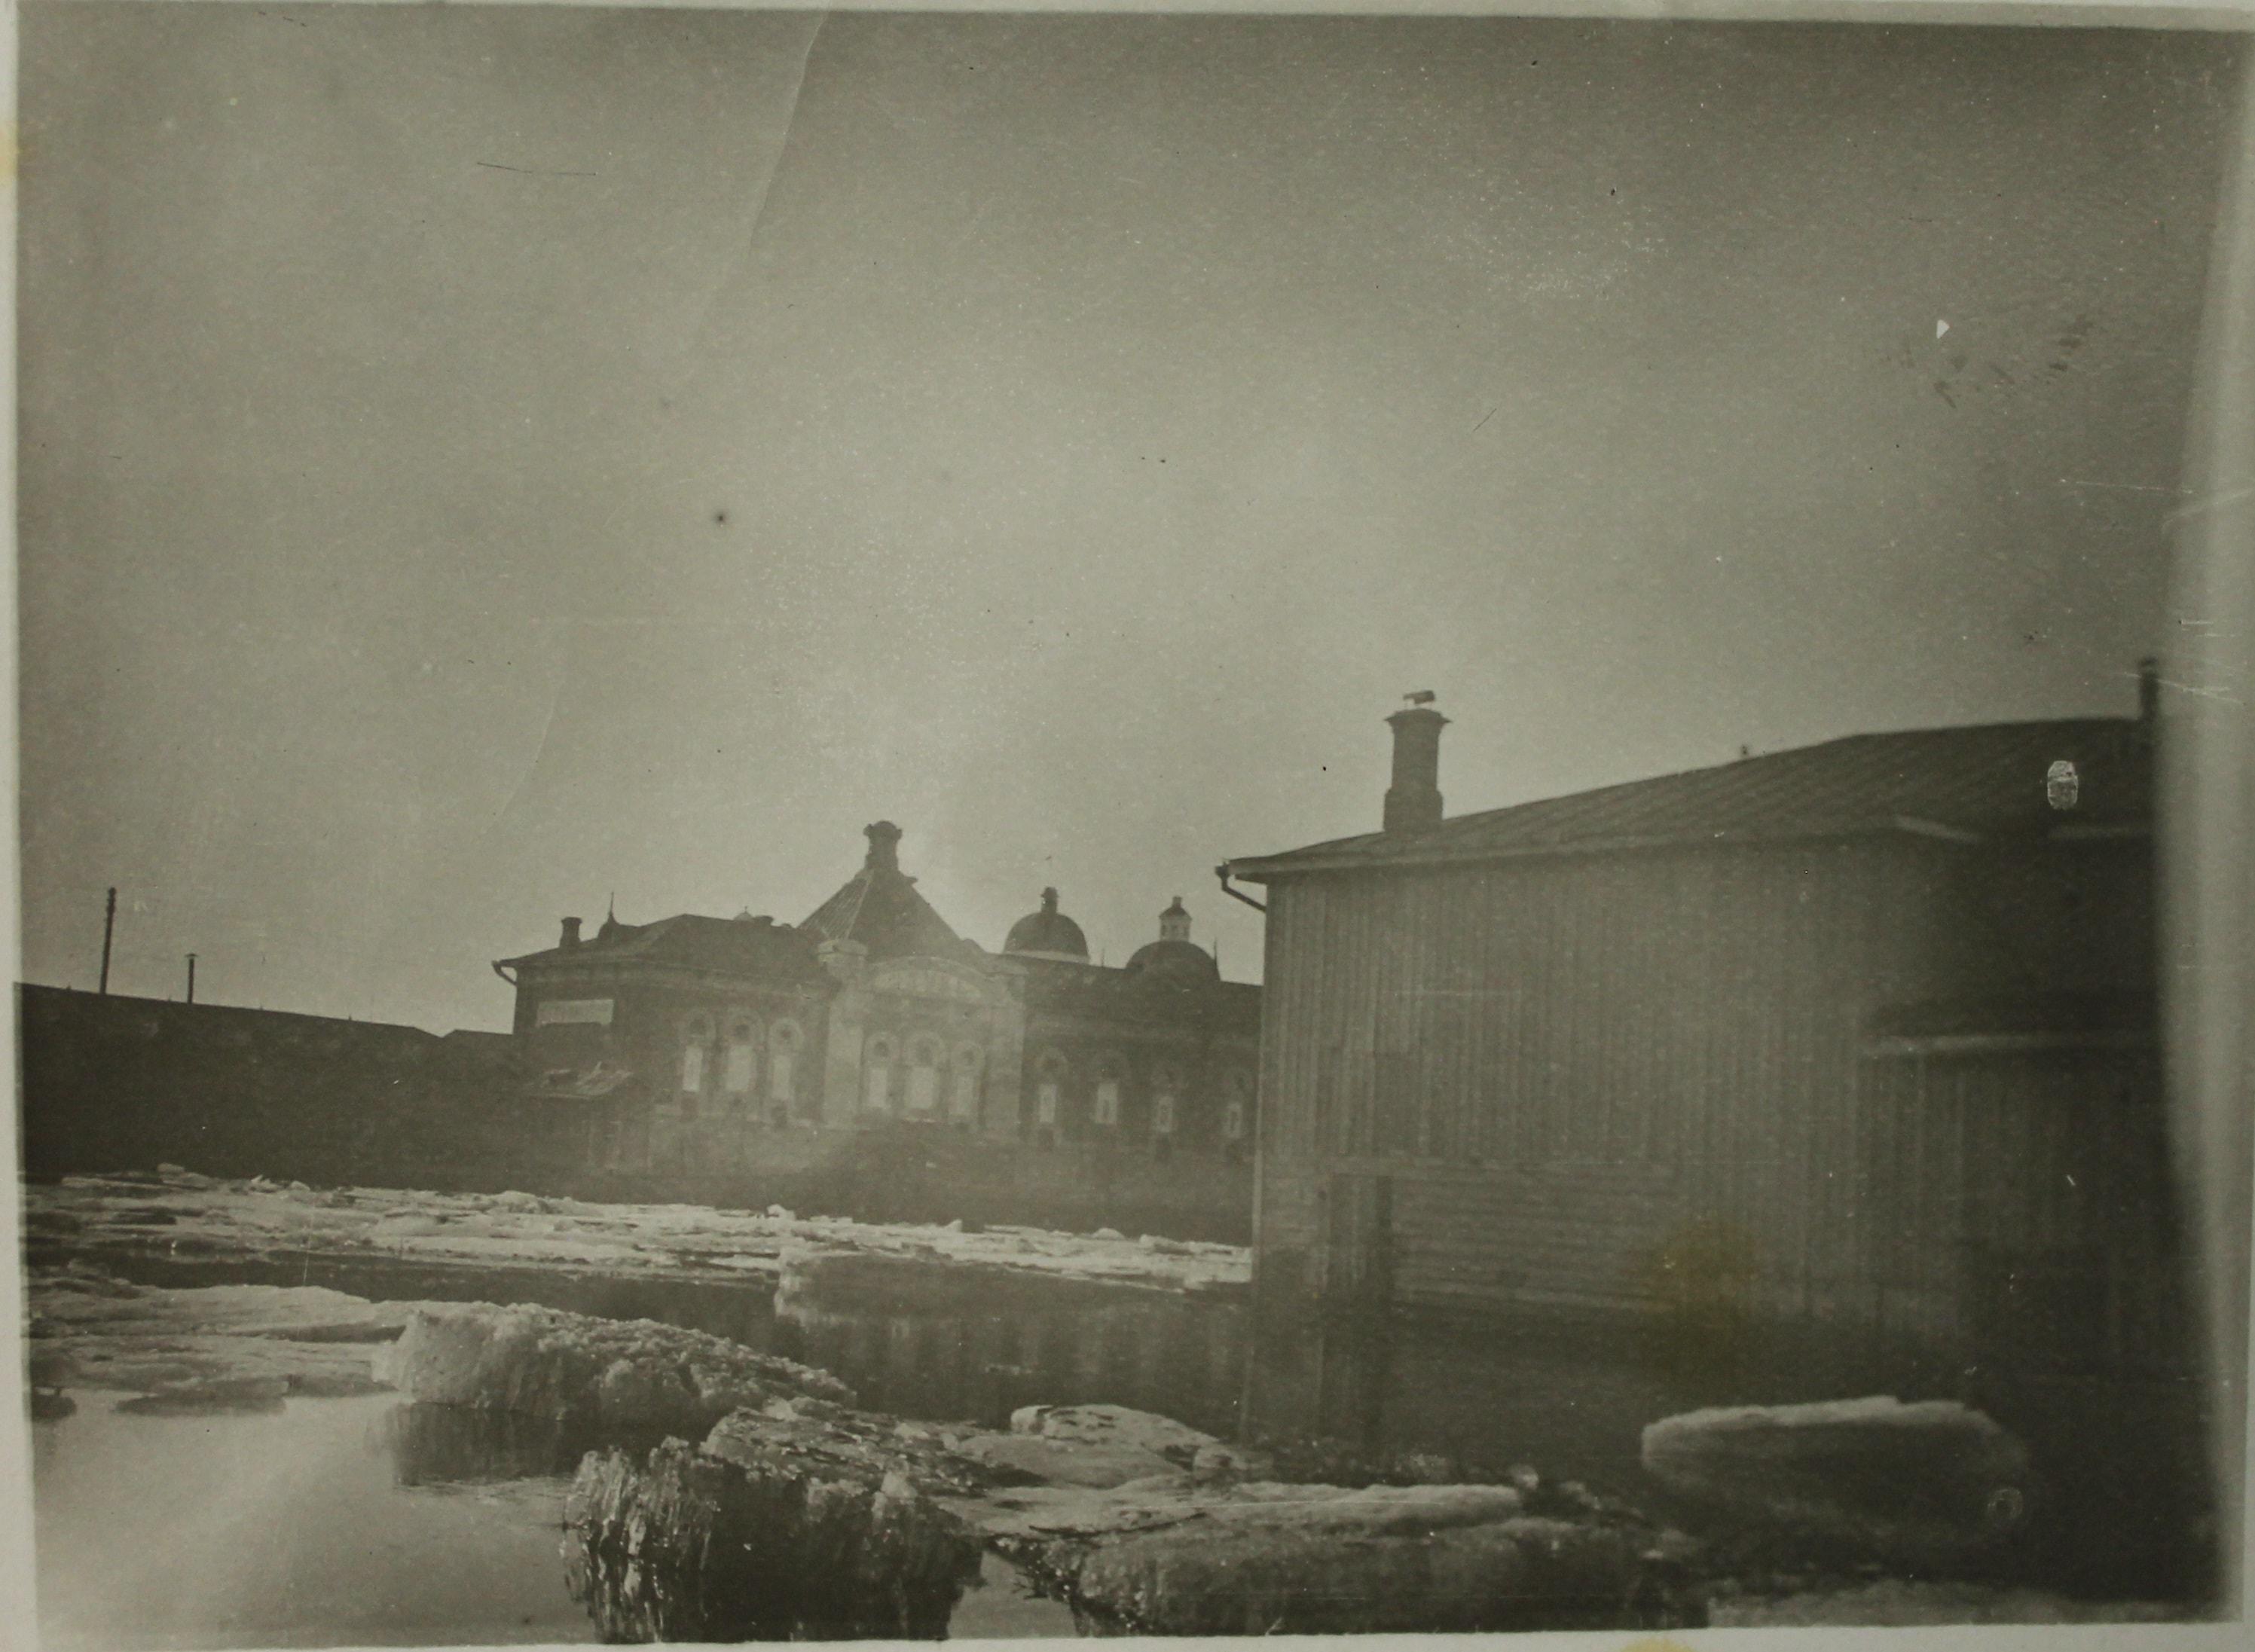 Фотография. «Наводнение на реке Ушайке». Автор: Кривопишин Ю.П. 1930г. Бумага матовая, фотопечать. 8.9 × 11.9 см.